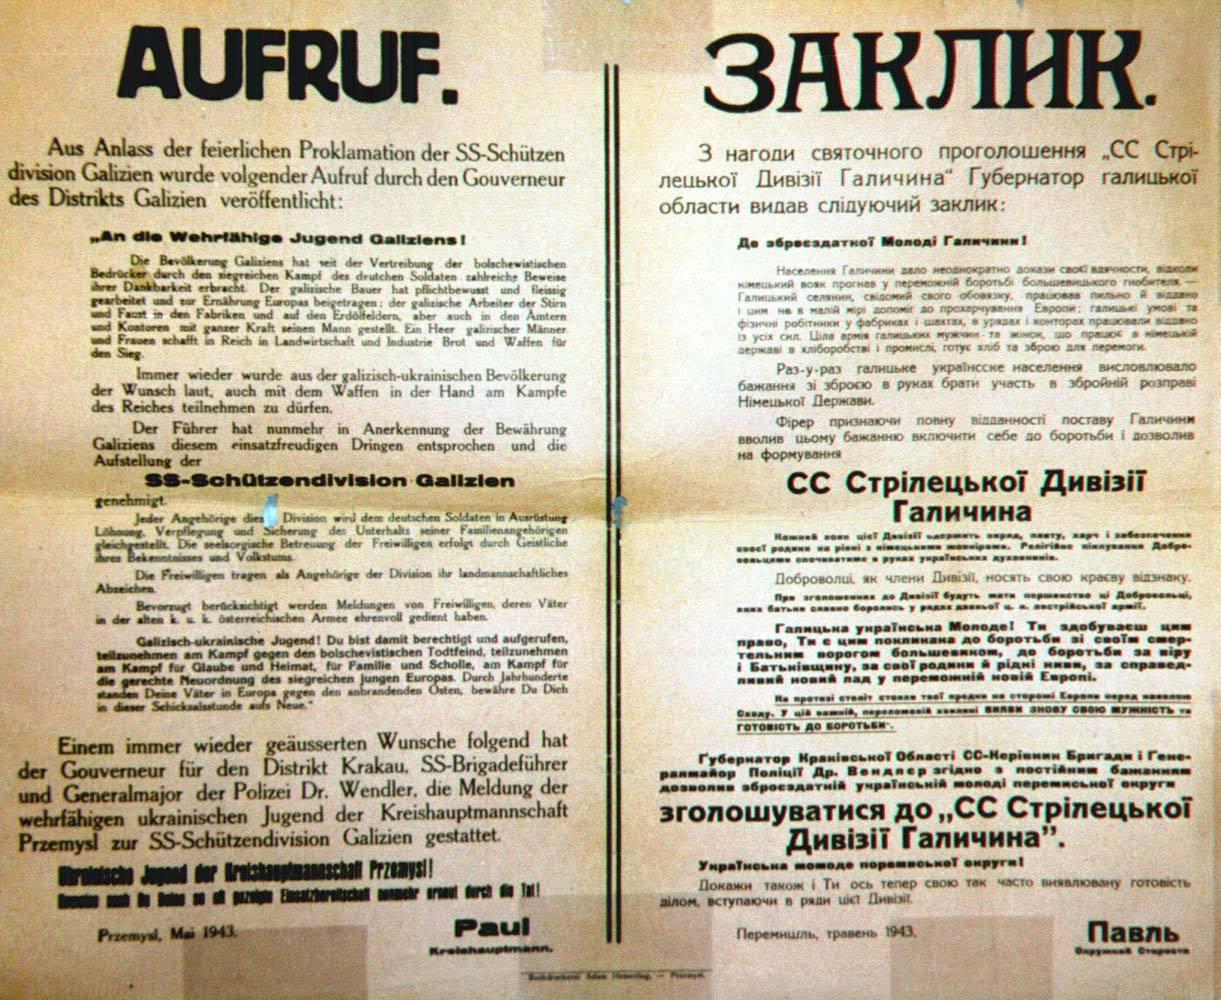 Plakat werbunkowy do SS-Galizien